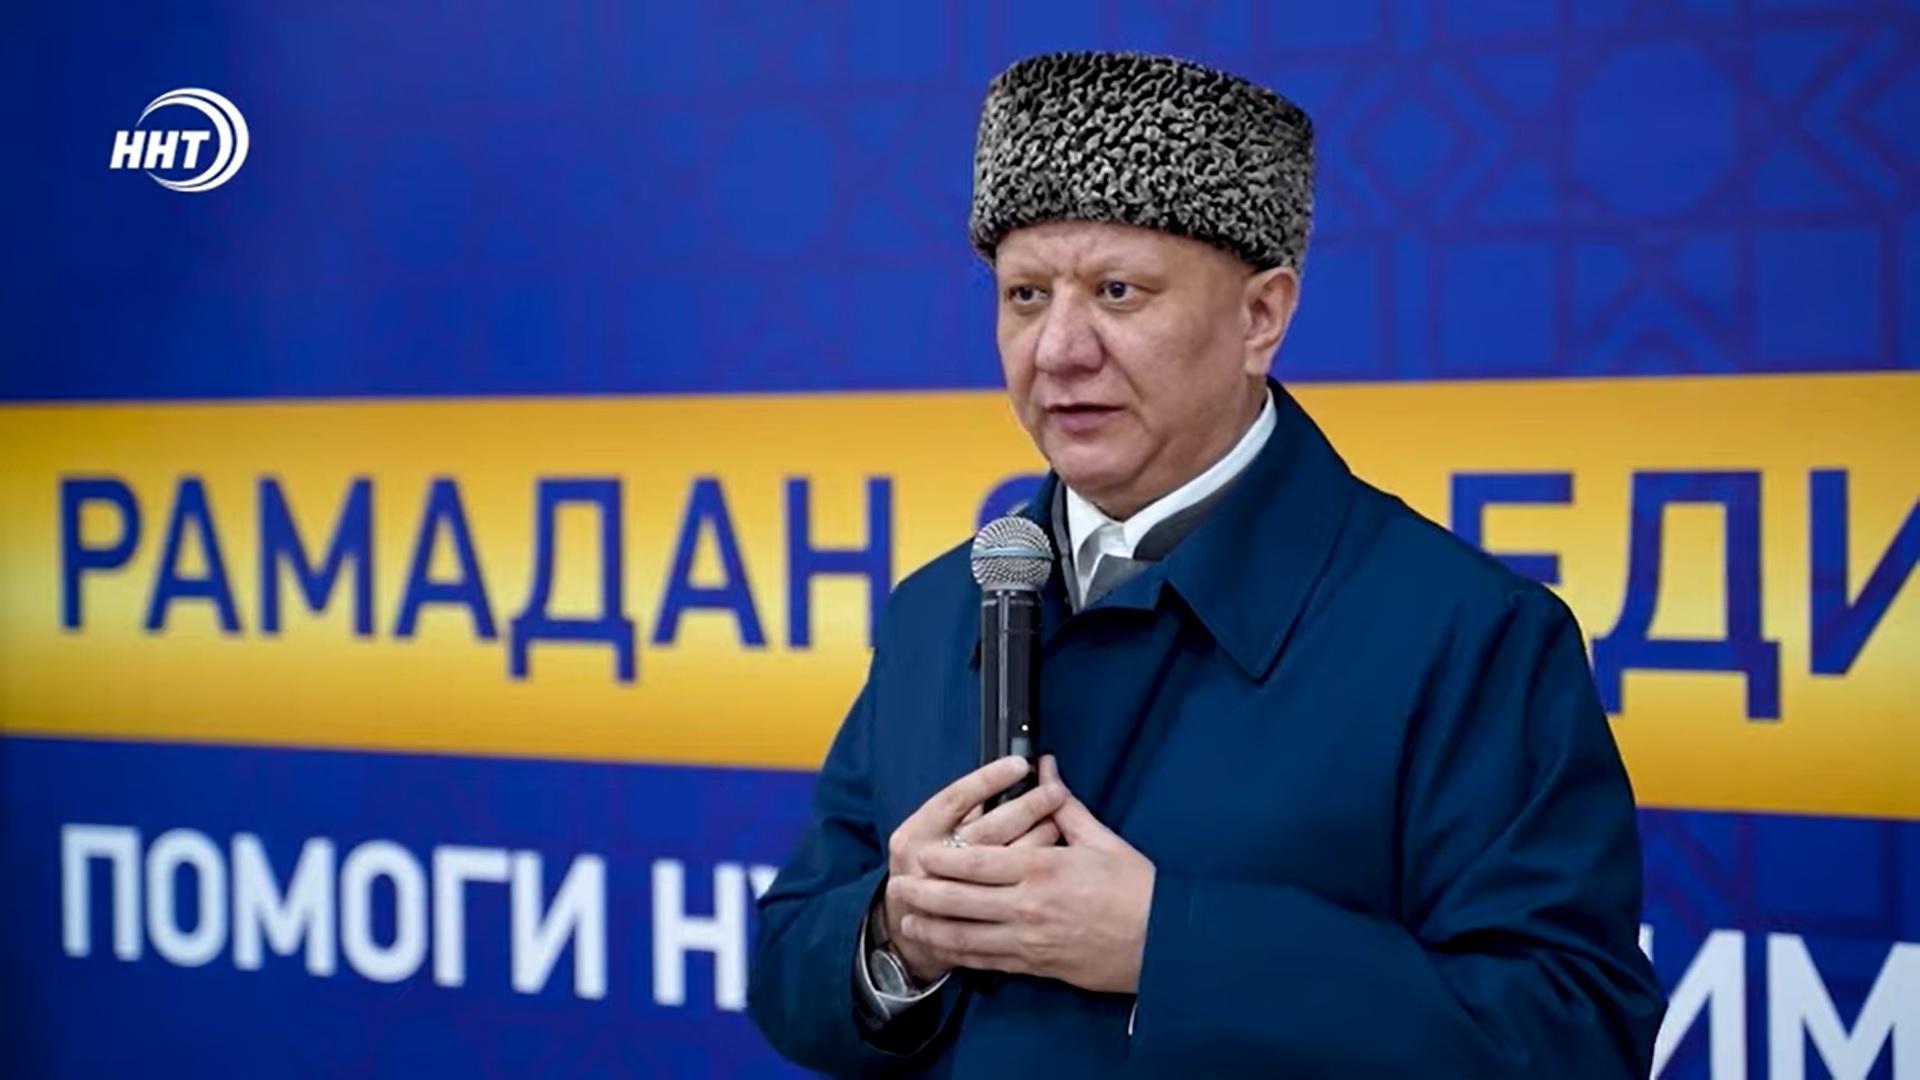 Муфтий Крганов рассказал о подготовке к Ураза-байрам в Москве